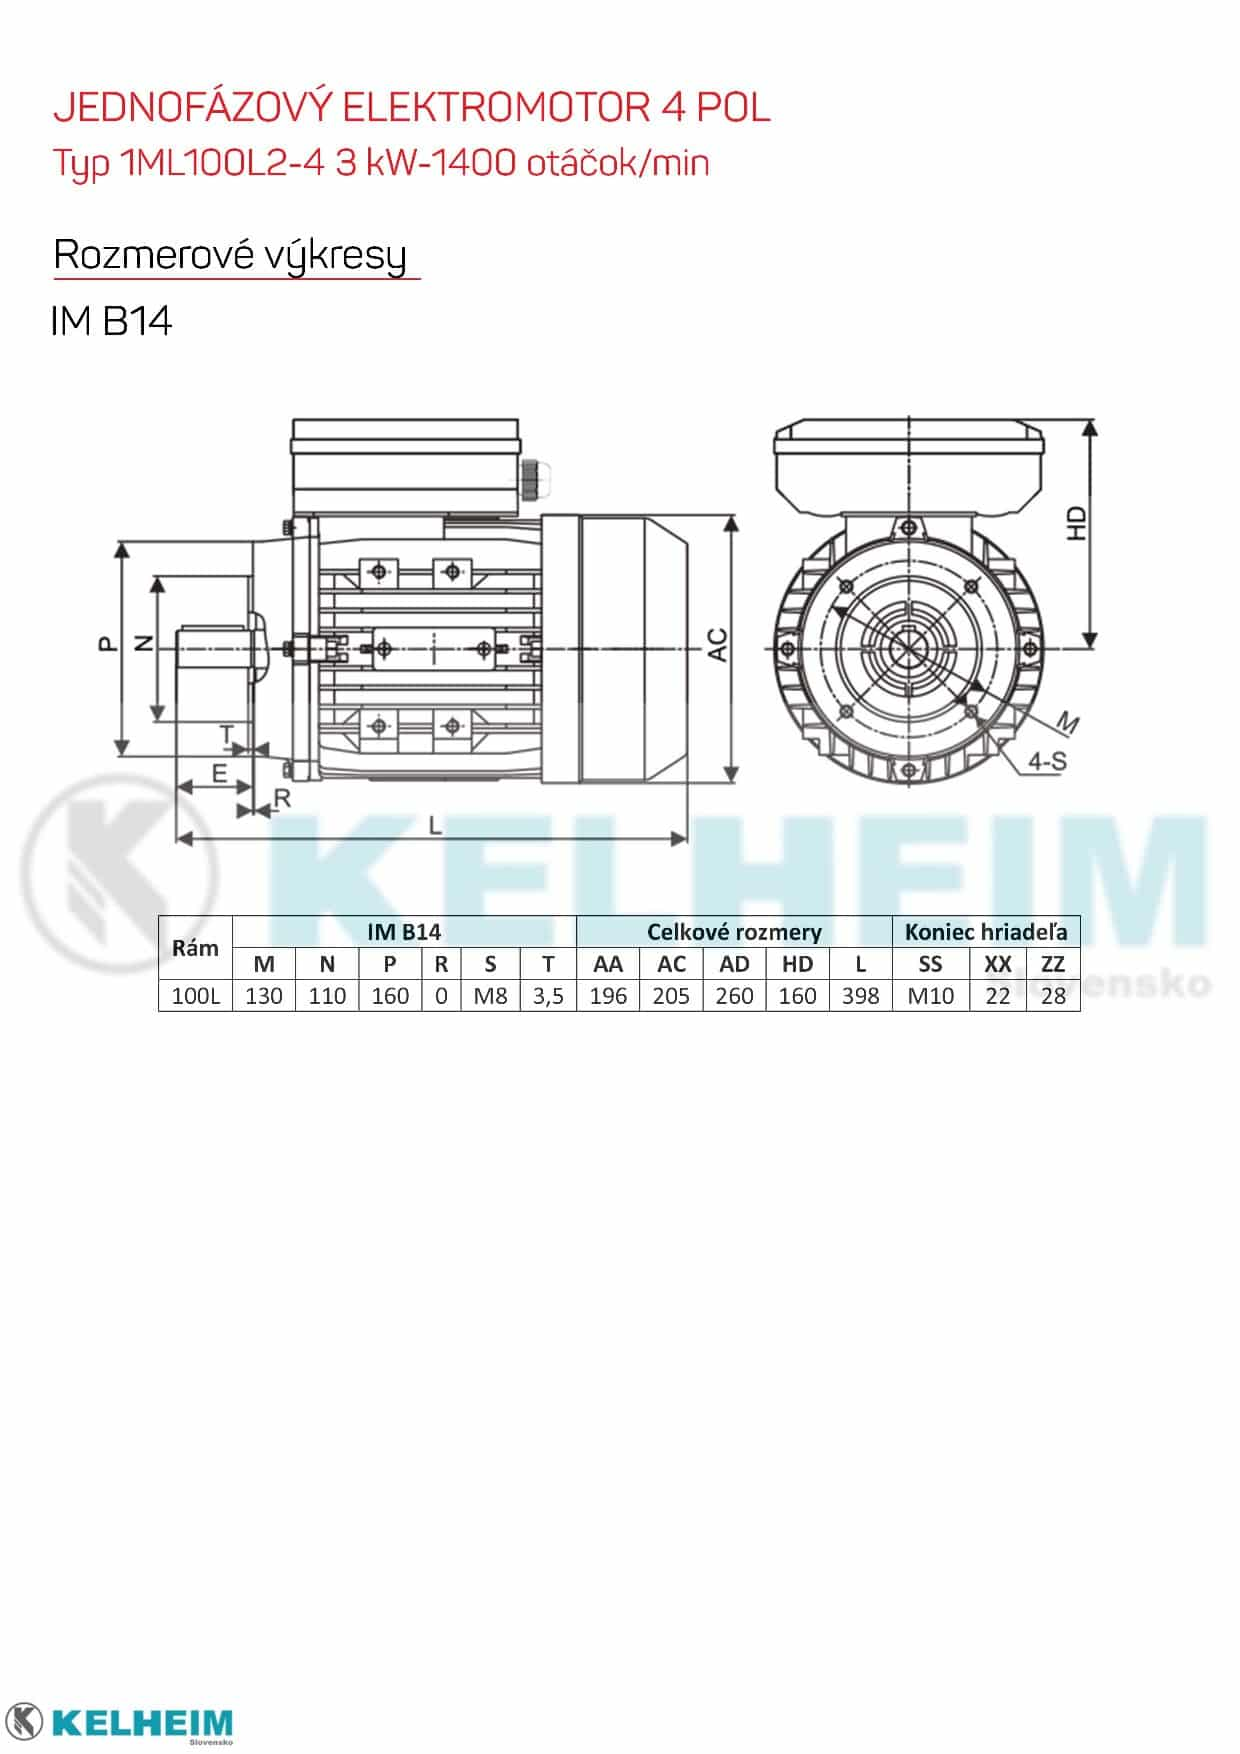 rozmerový výkres - jednofázový elektromotor 3kw ML100L2-4